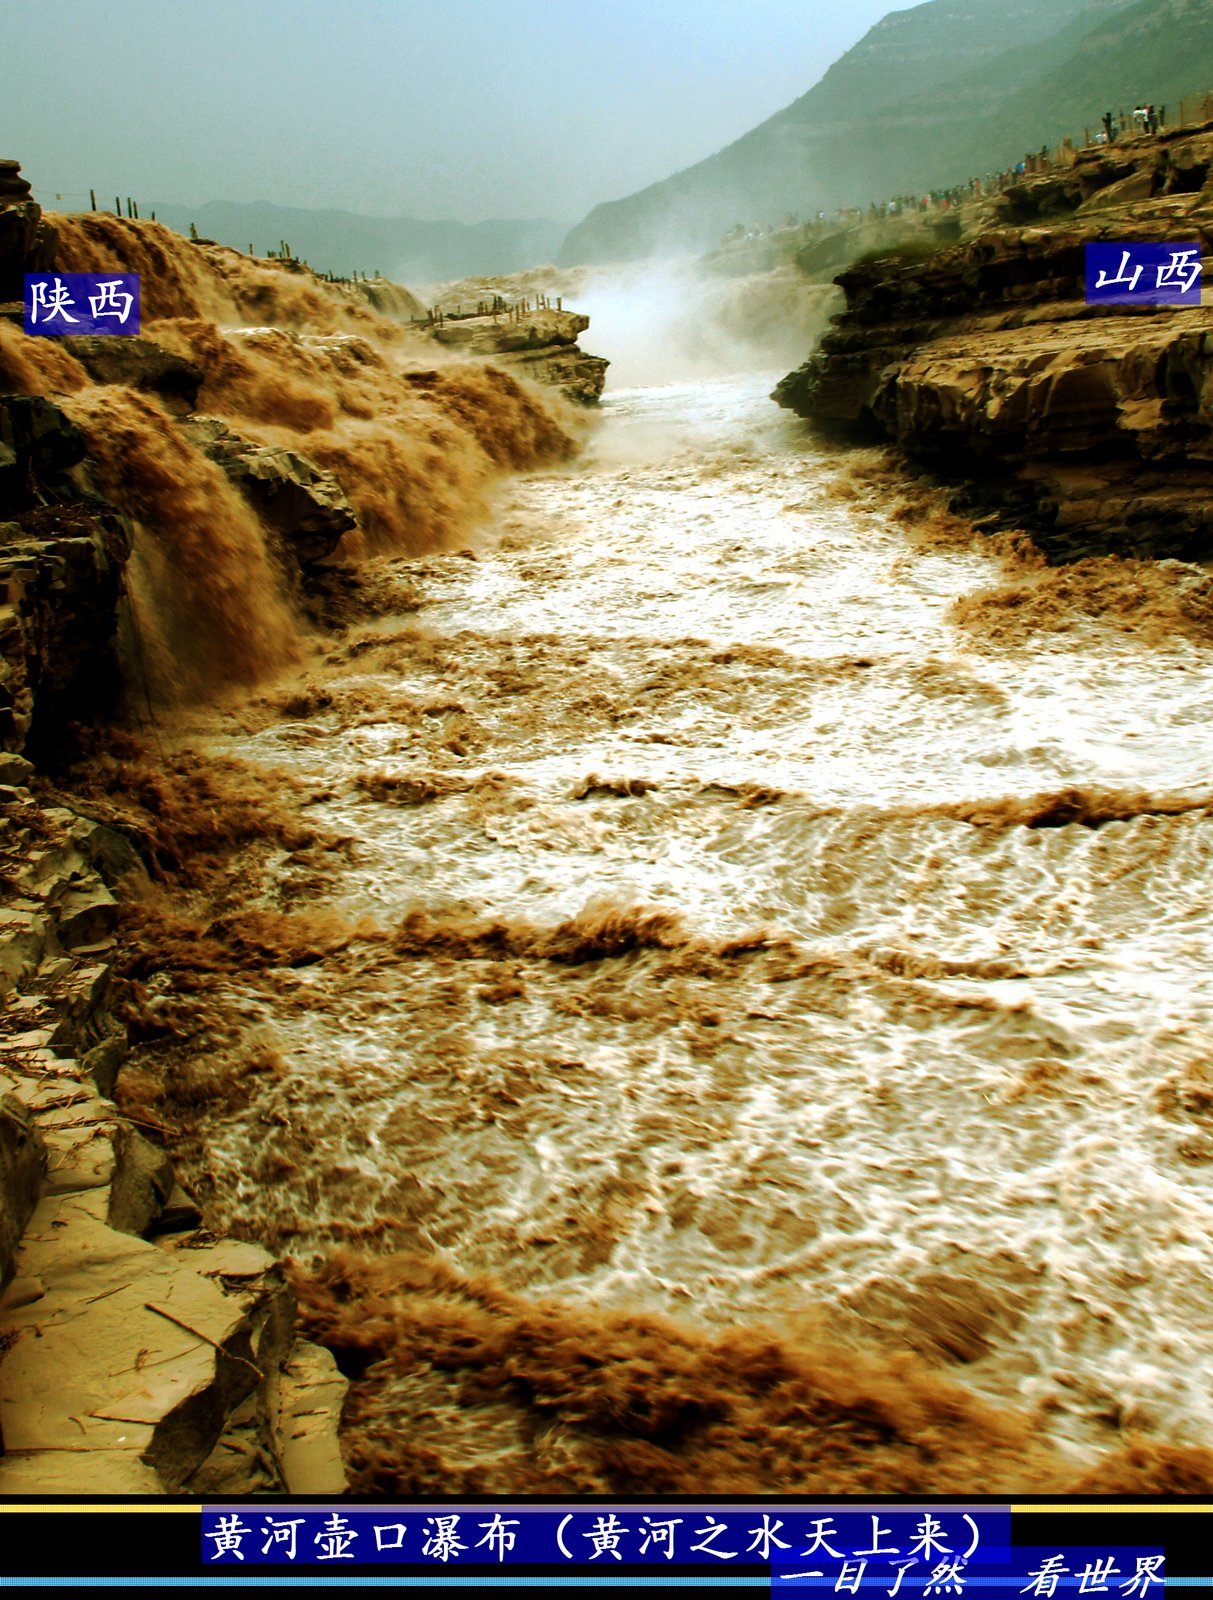 黄河壶口瀑布-07-1600.jpg